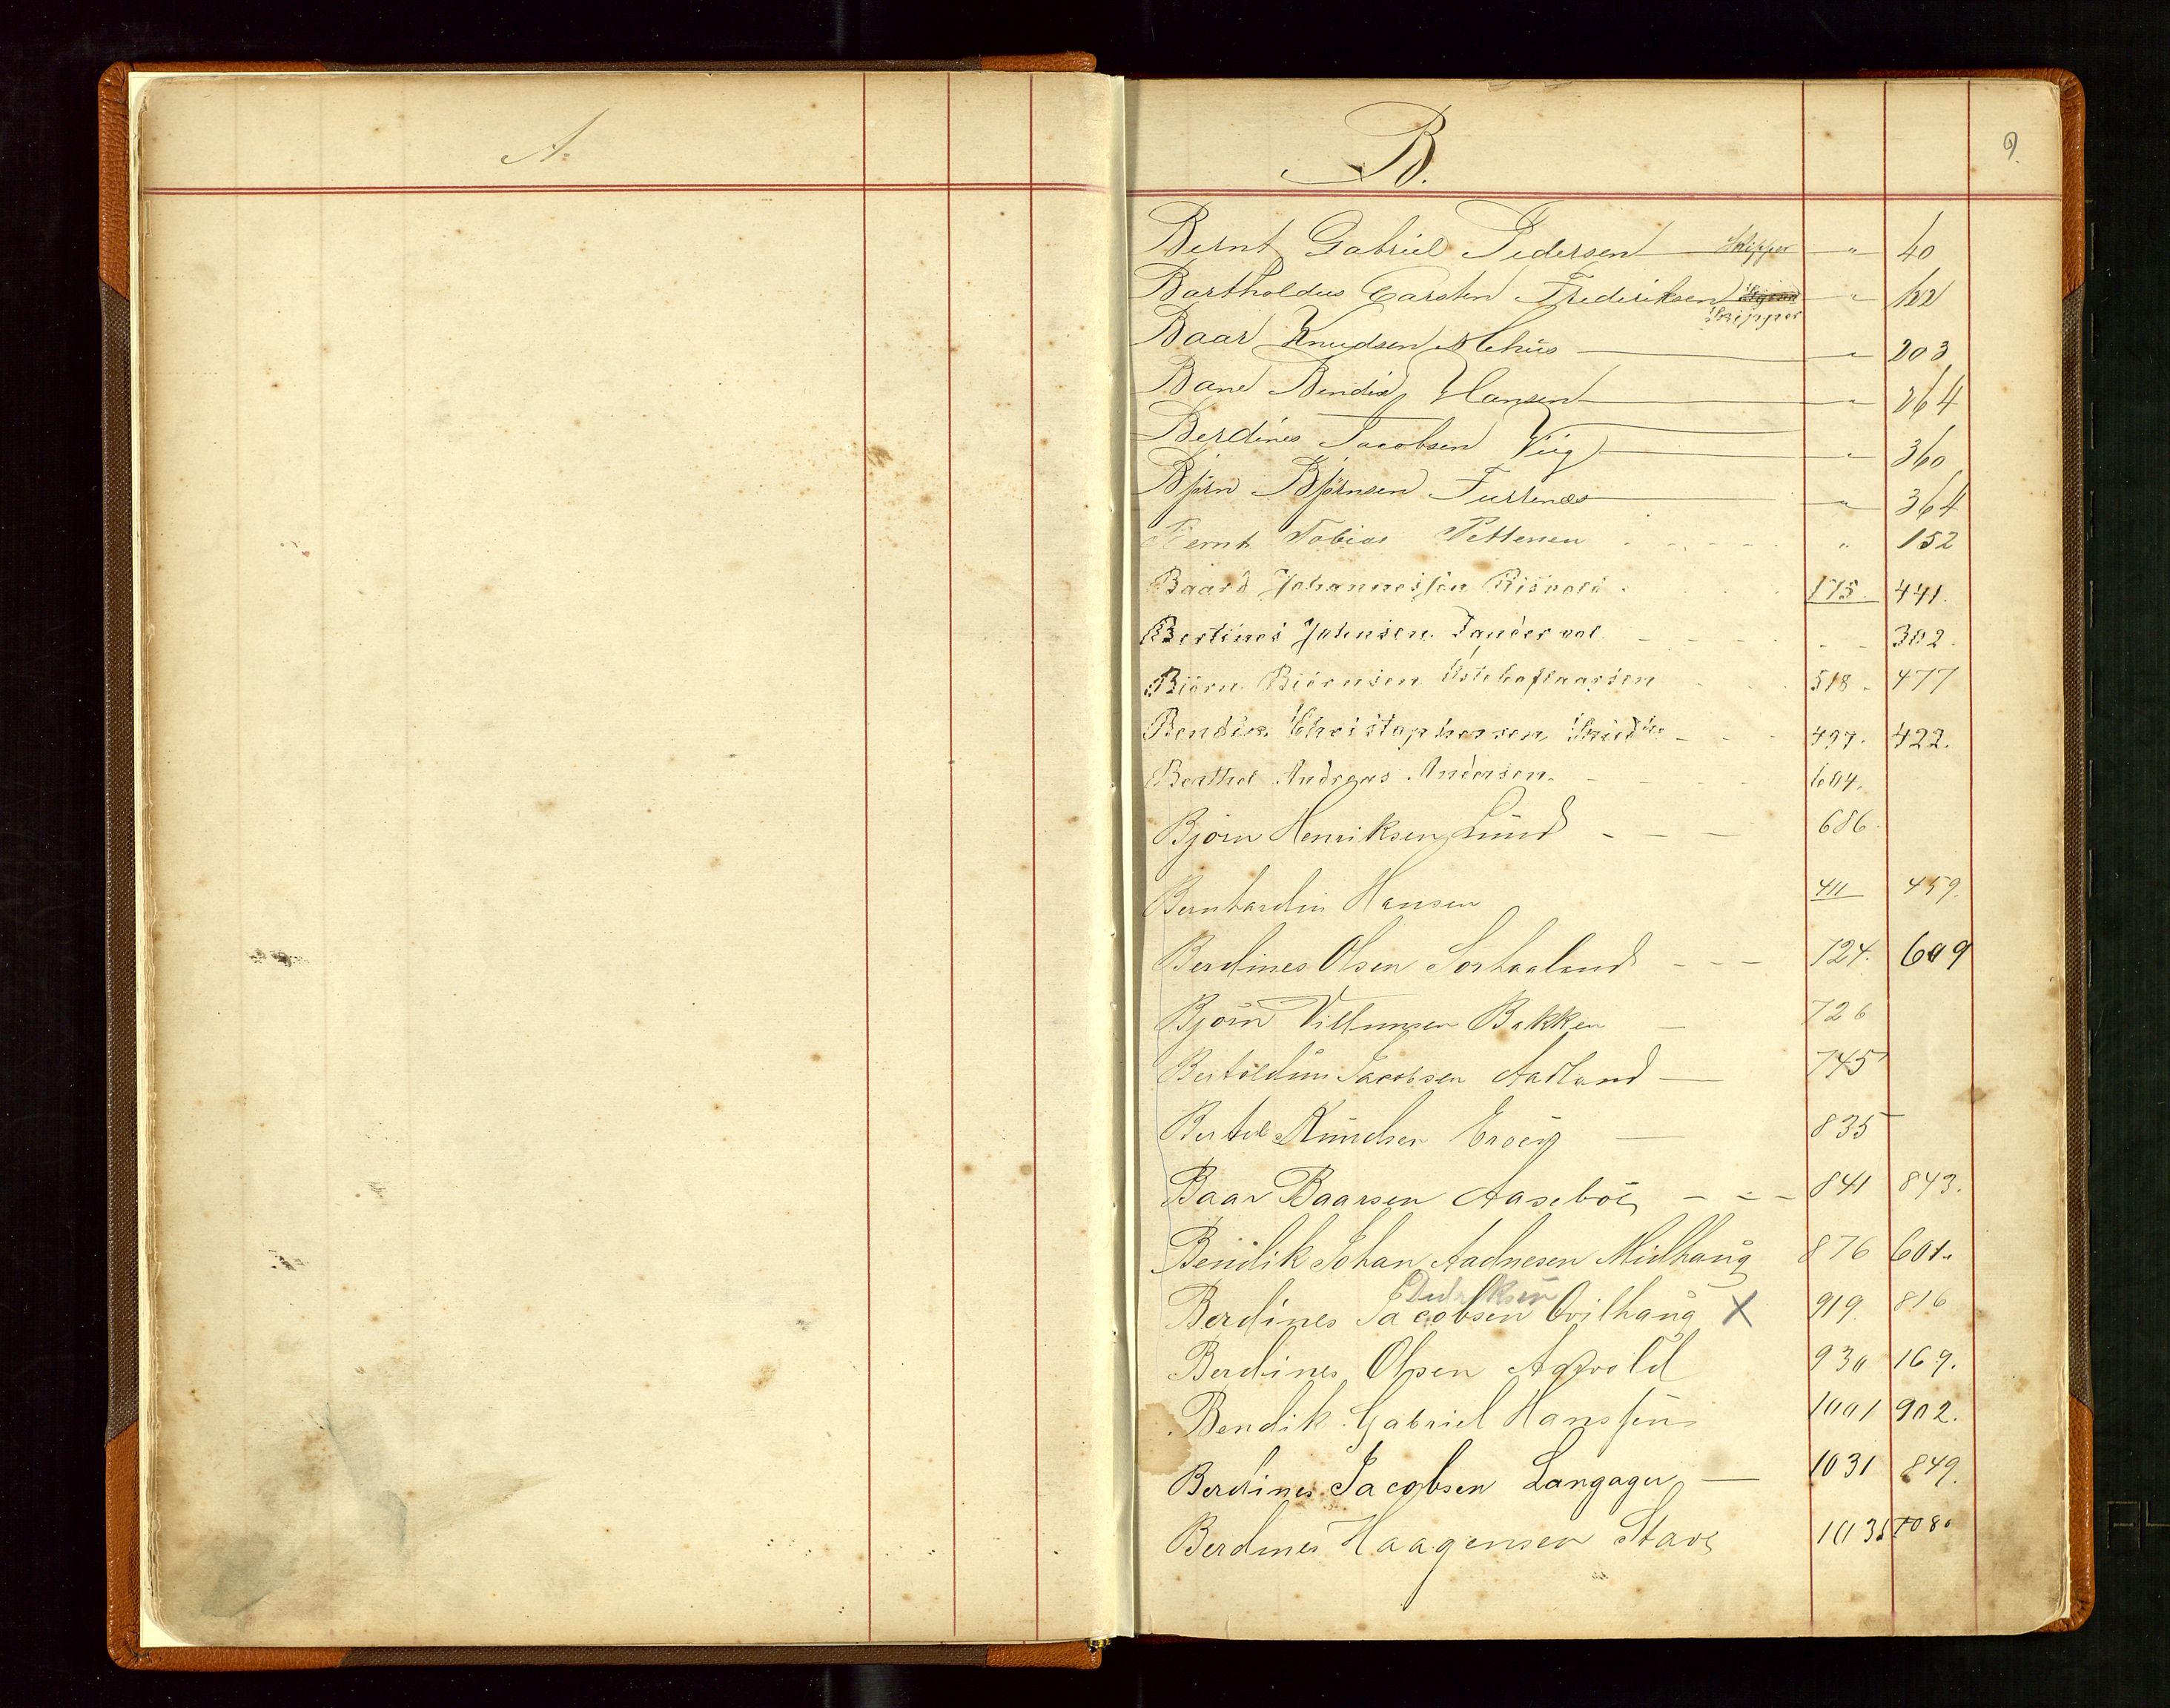 SAST, Haugesund sjømannskontor, F/Fb/Fba/L0003: Navneregister med henvisning til rullenummer (fornavn) Haugesund krets, 1860-1948, s. 9